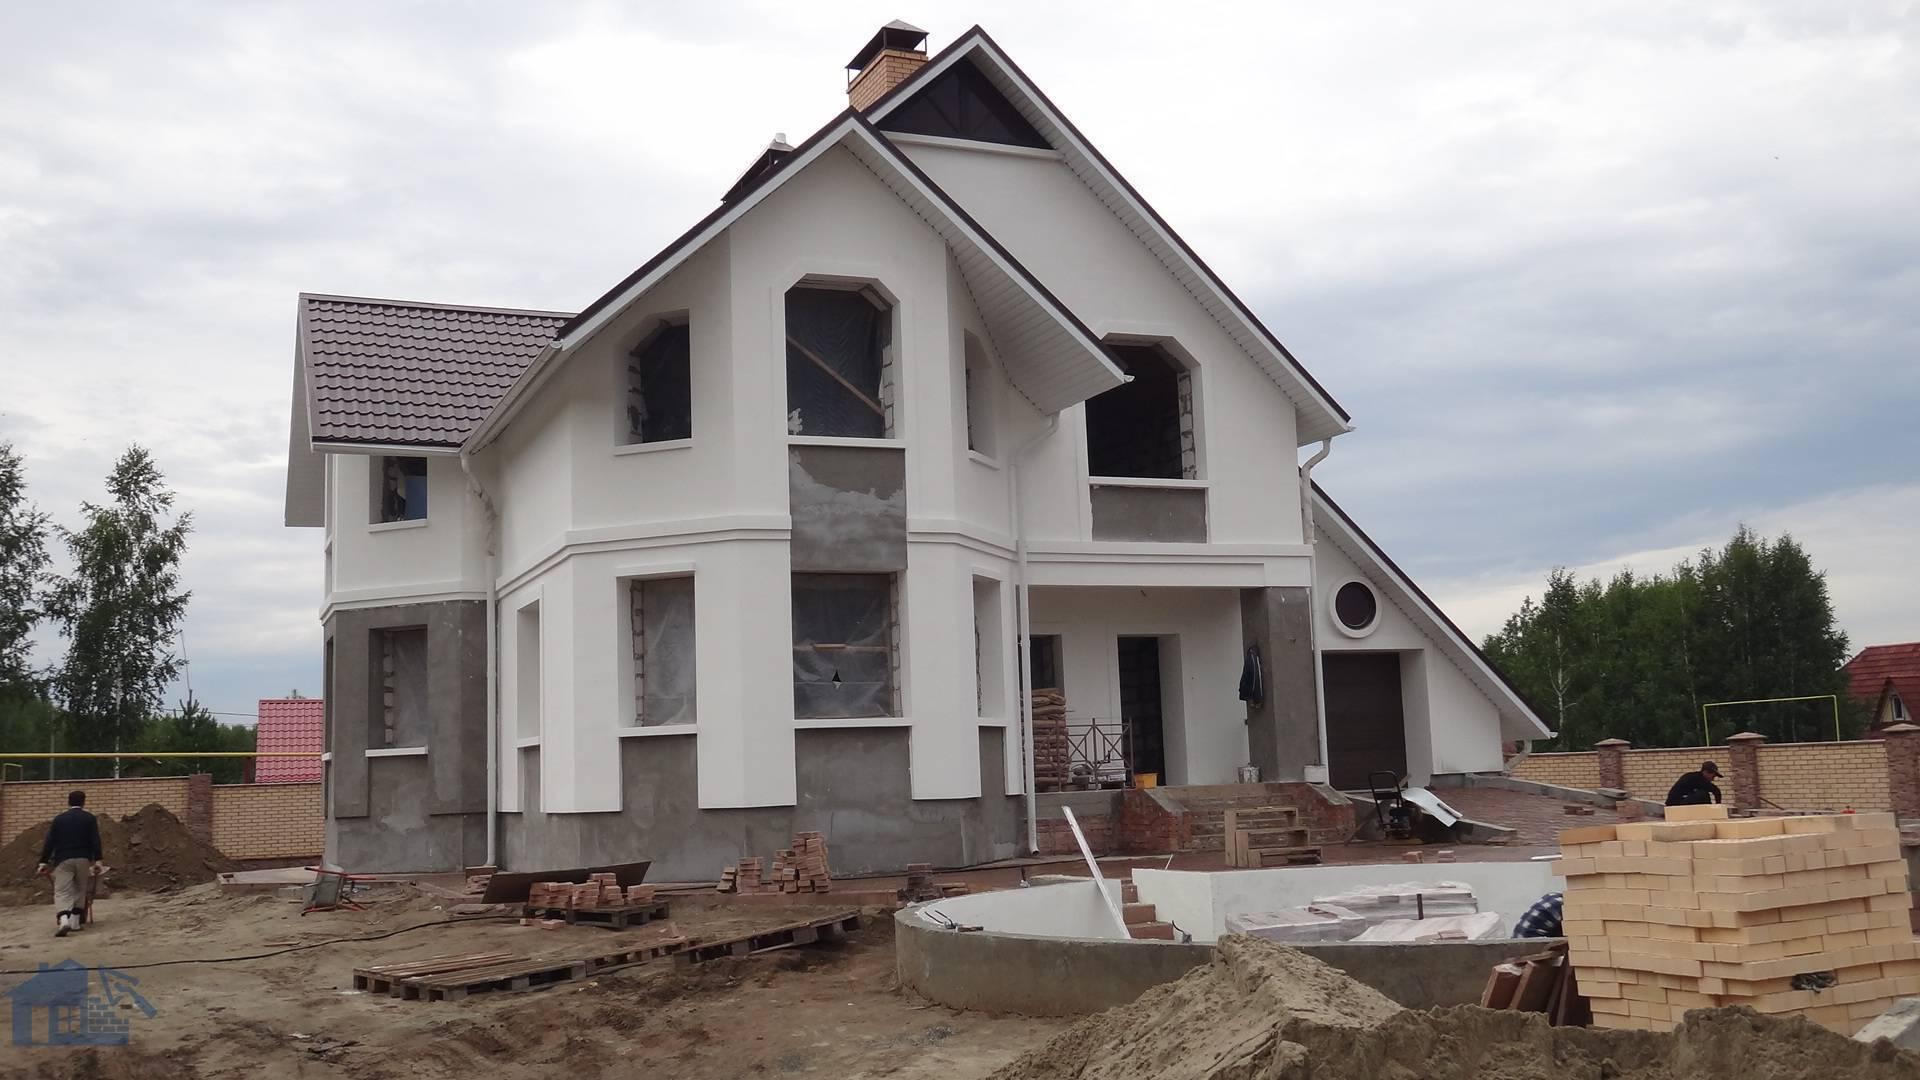 Финские дома: фото сборных, модульных, щитовых, схема пирога стены, а также технология строительства одноэтажных и двухэтажных деревянных каркасных конструкций